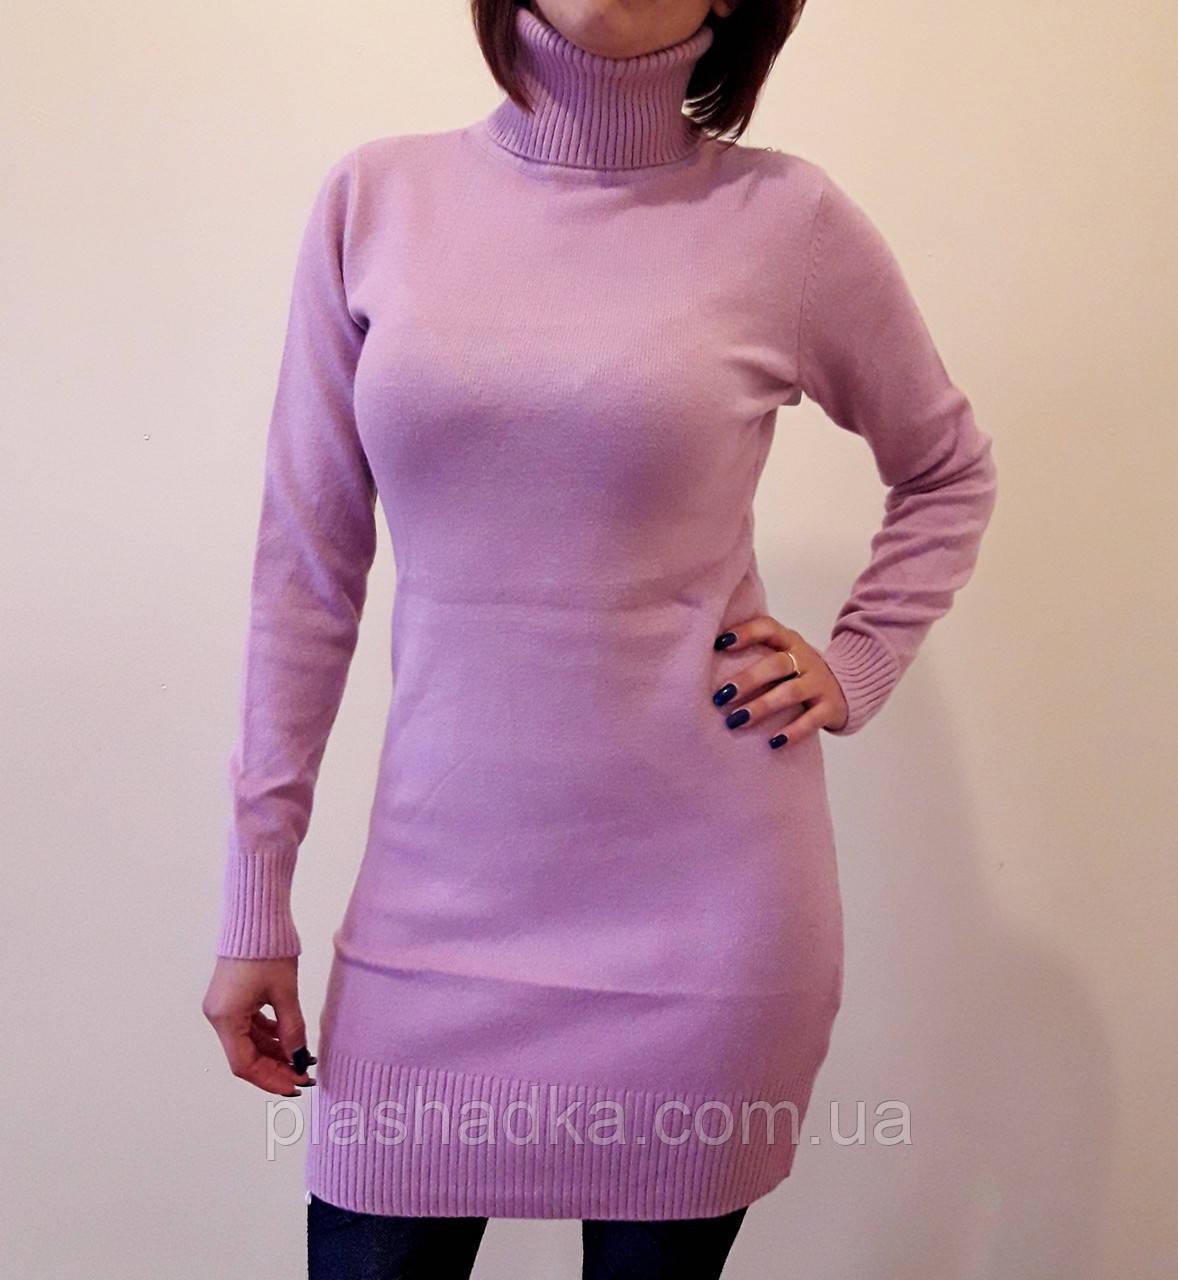 Женская туника свитер турция